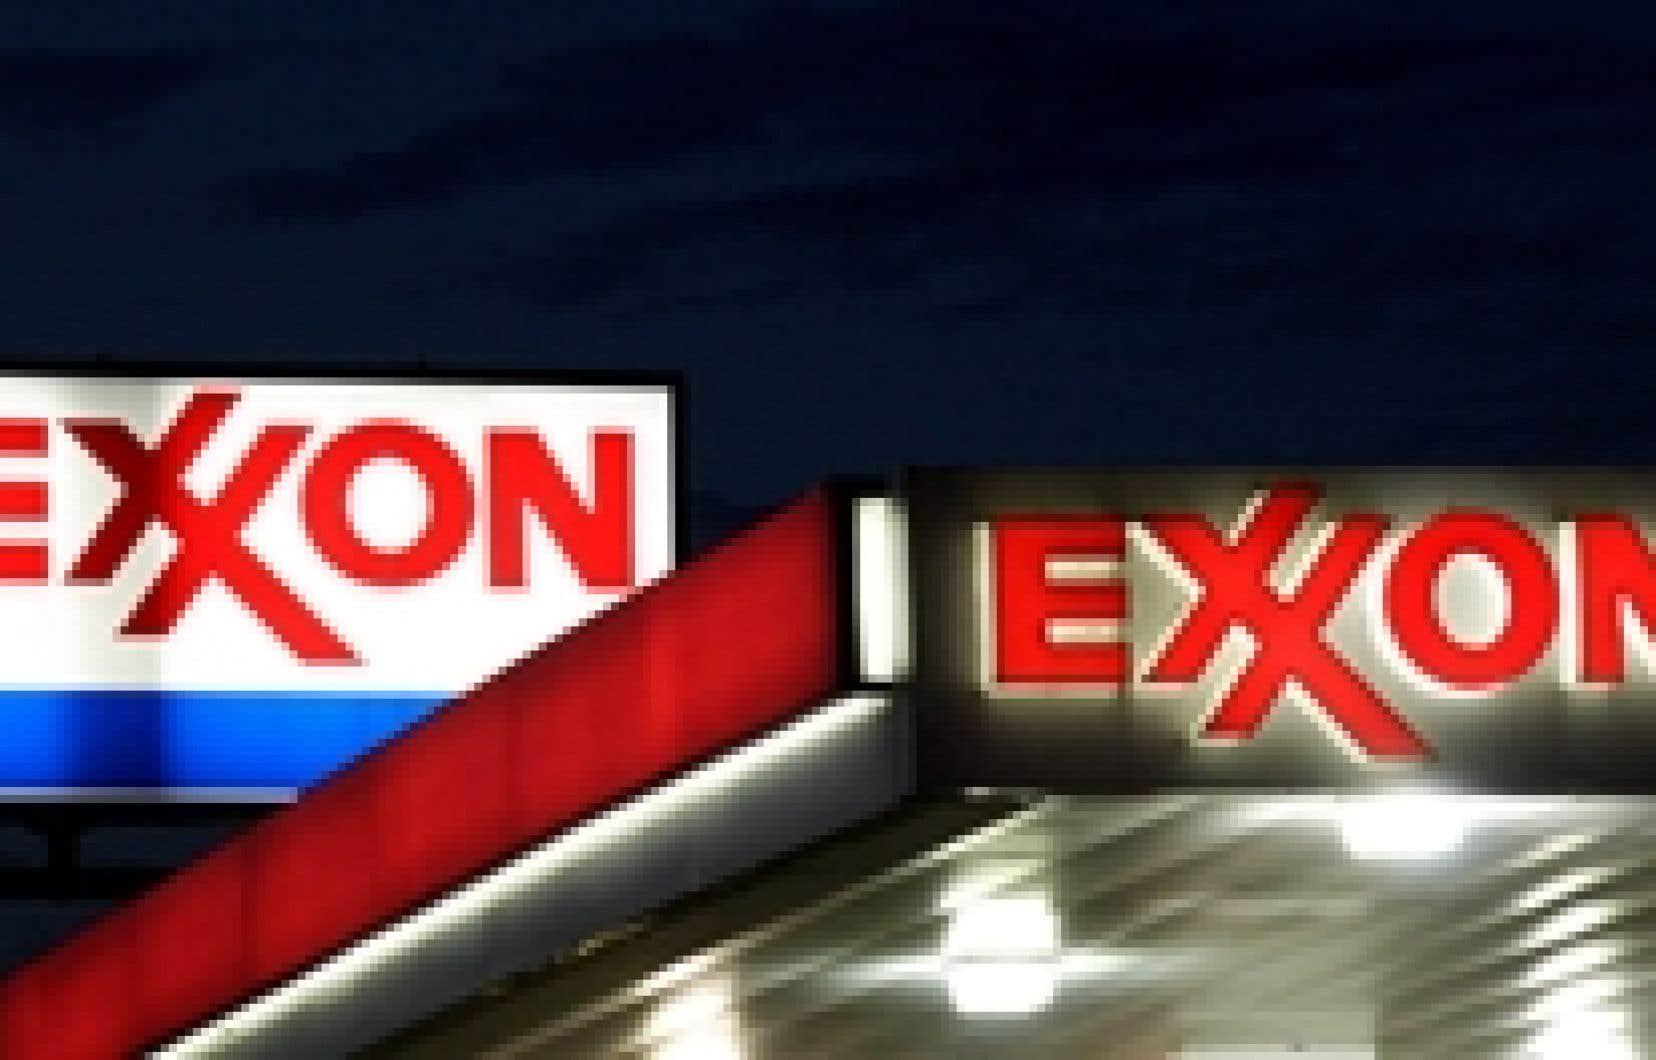 ExxonMobil a réalisé des profits records malgré une chute de 33 % du bénéfice net au quatrième trimestre, sur fond de baisse vertigineuse des cours du pétrole et de dégradation de l'économie mondiale.